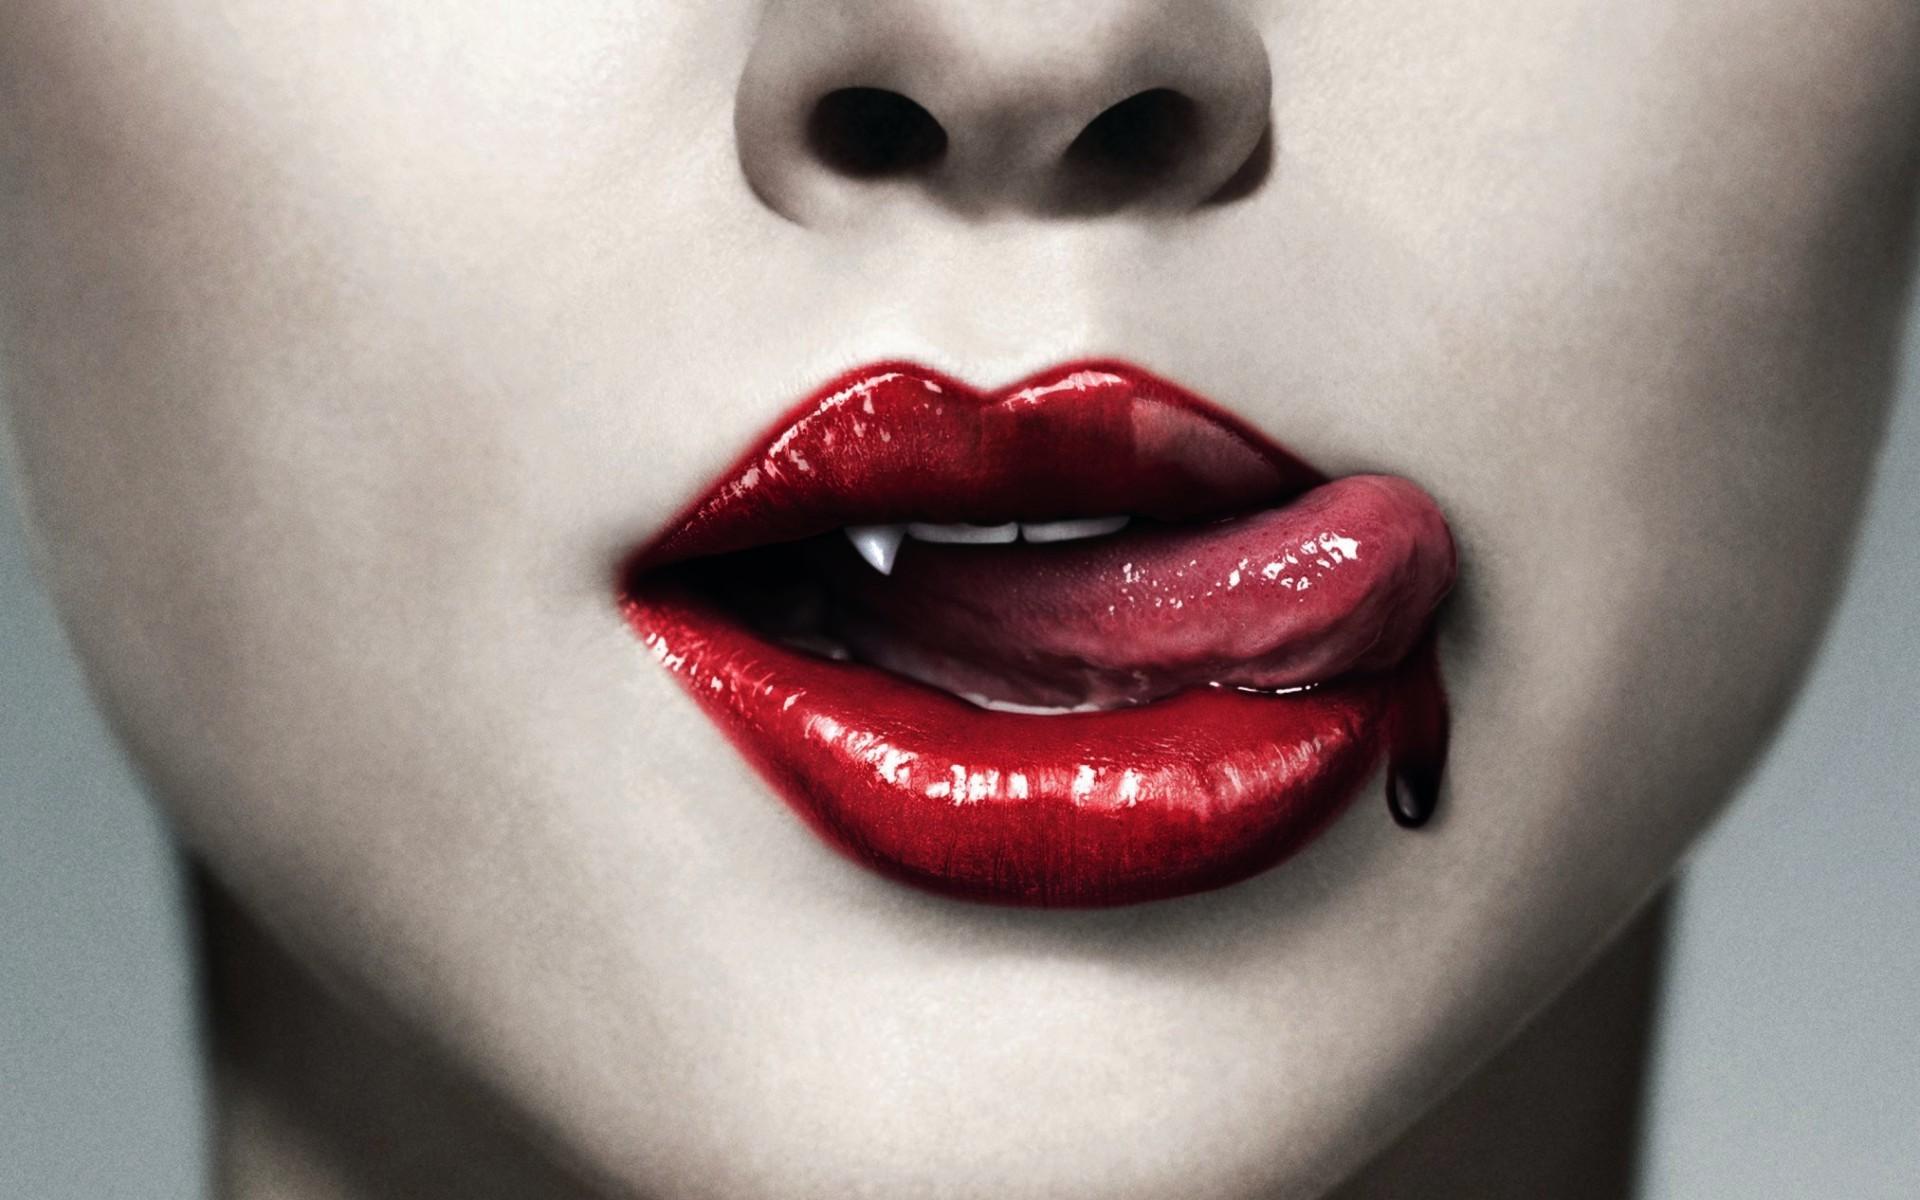 девушка лицо губы  № 2672693 бесплатно